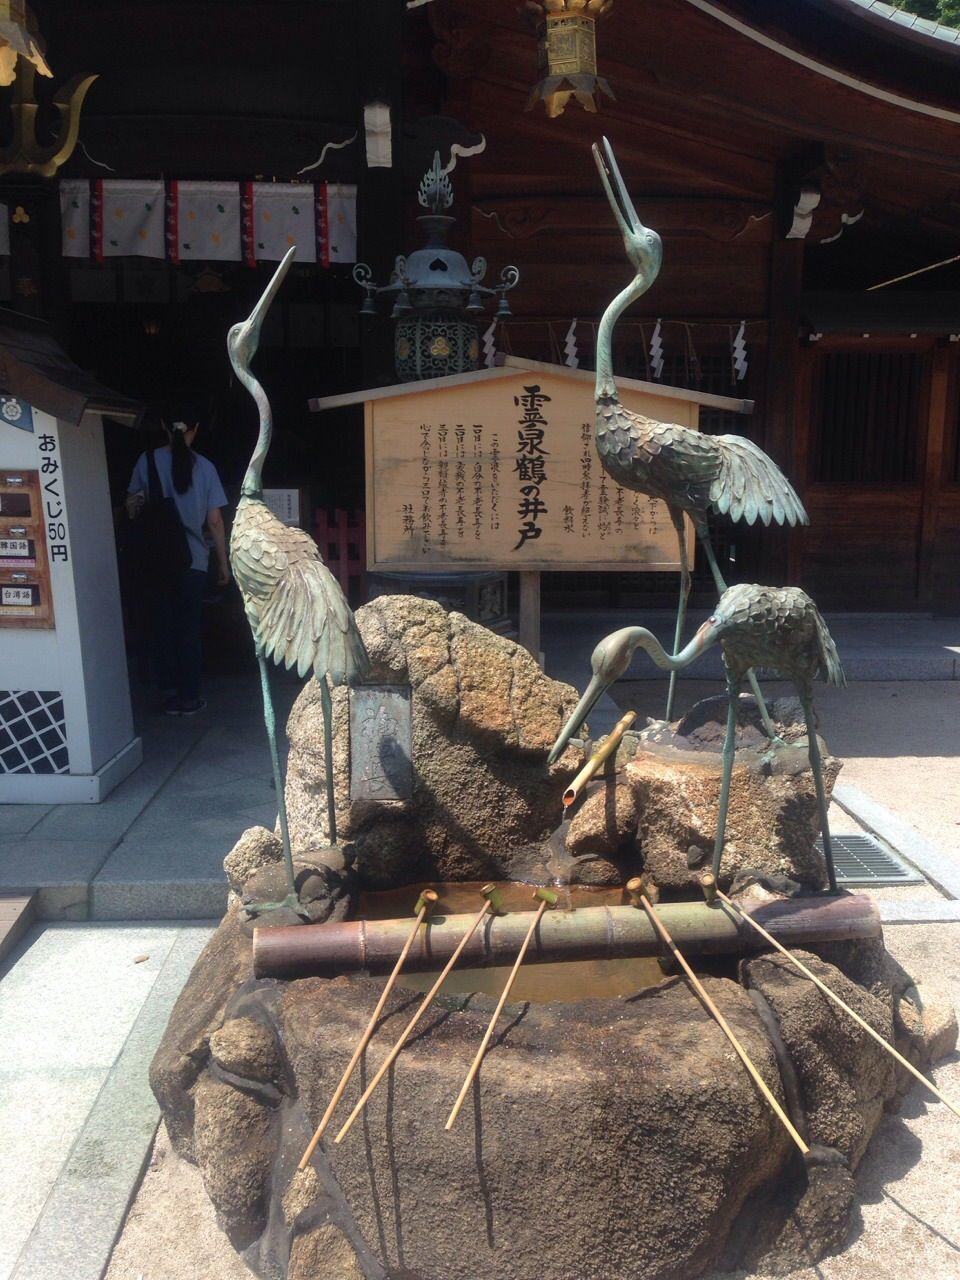 エグさ覚悟の霊泉鶴の水を飲んで健康・長寿祈願